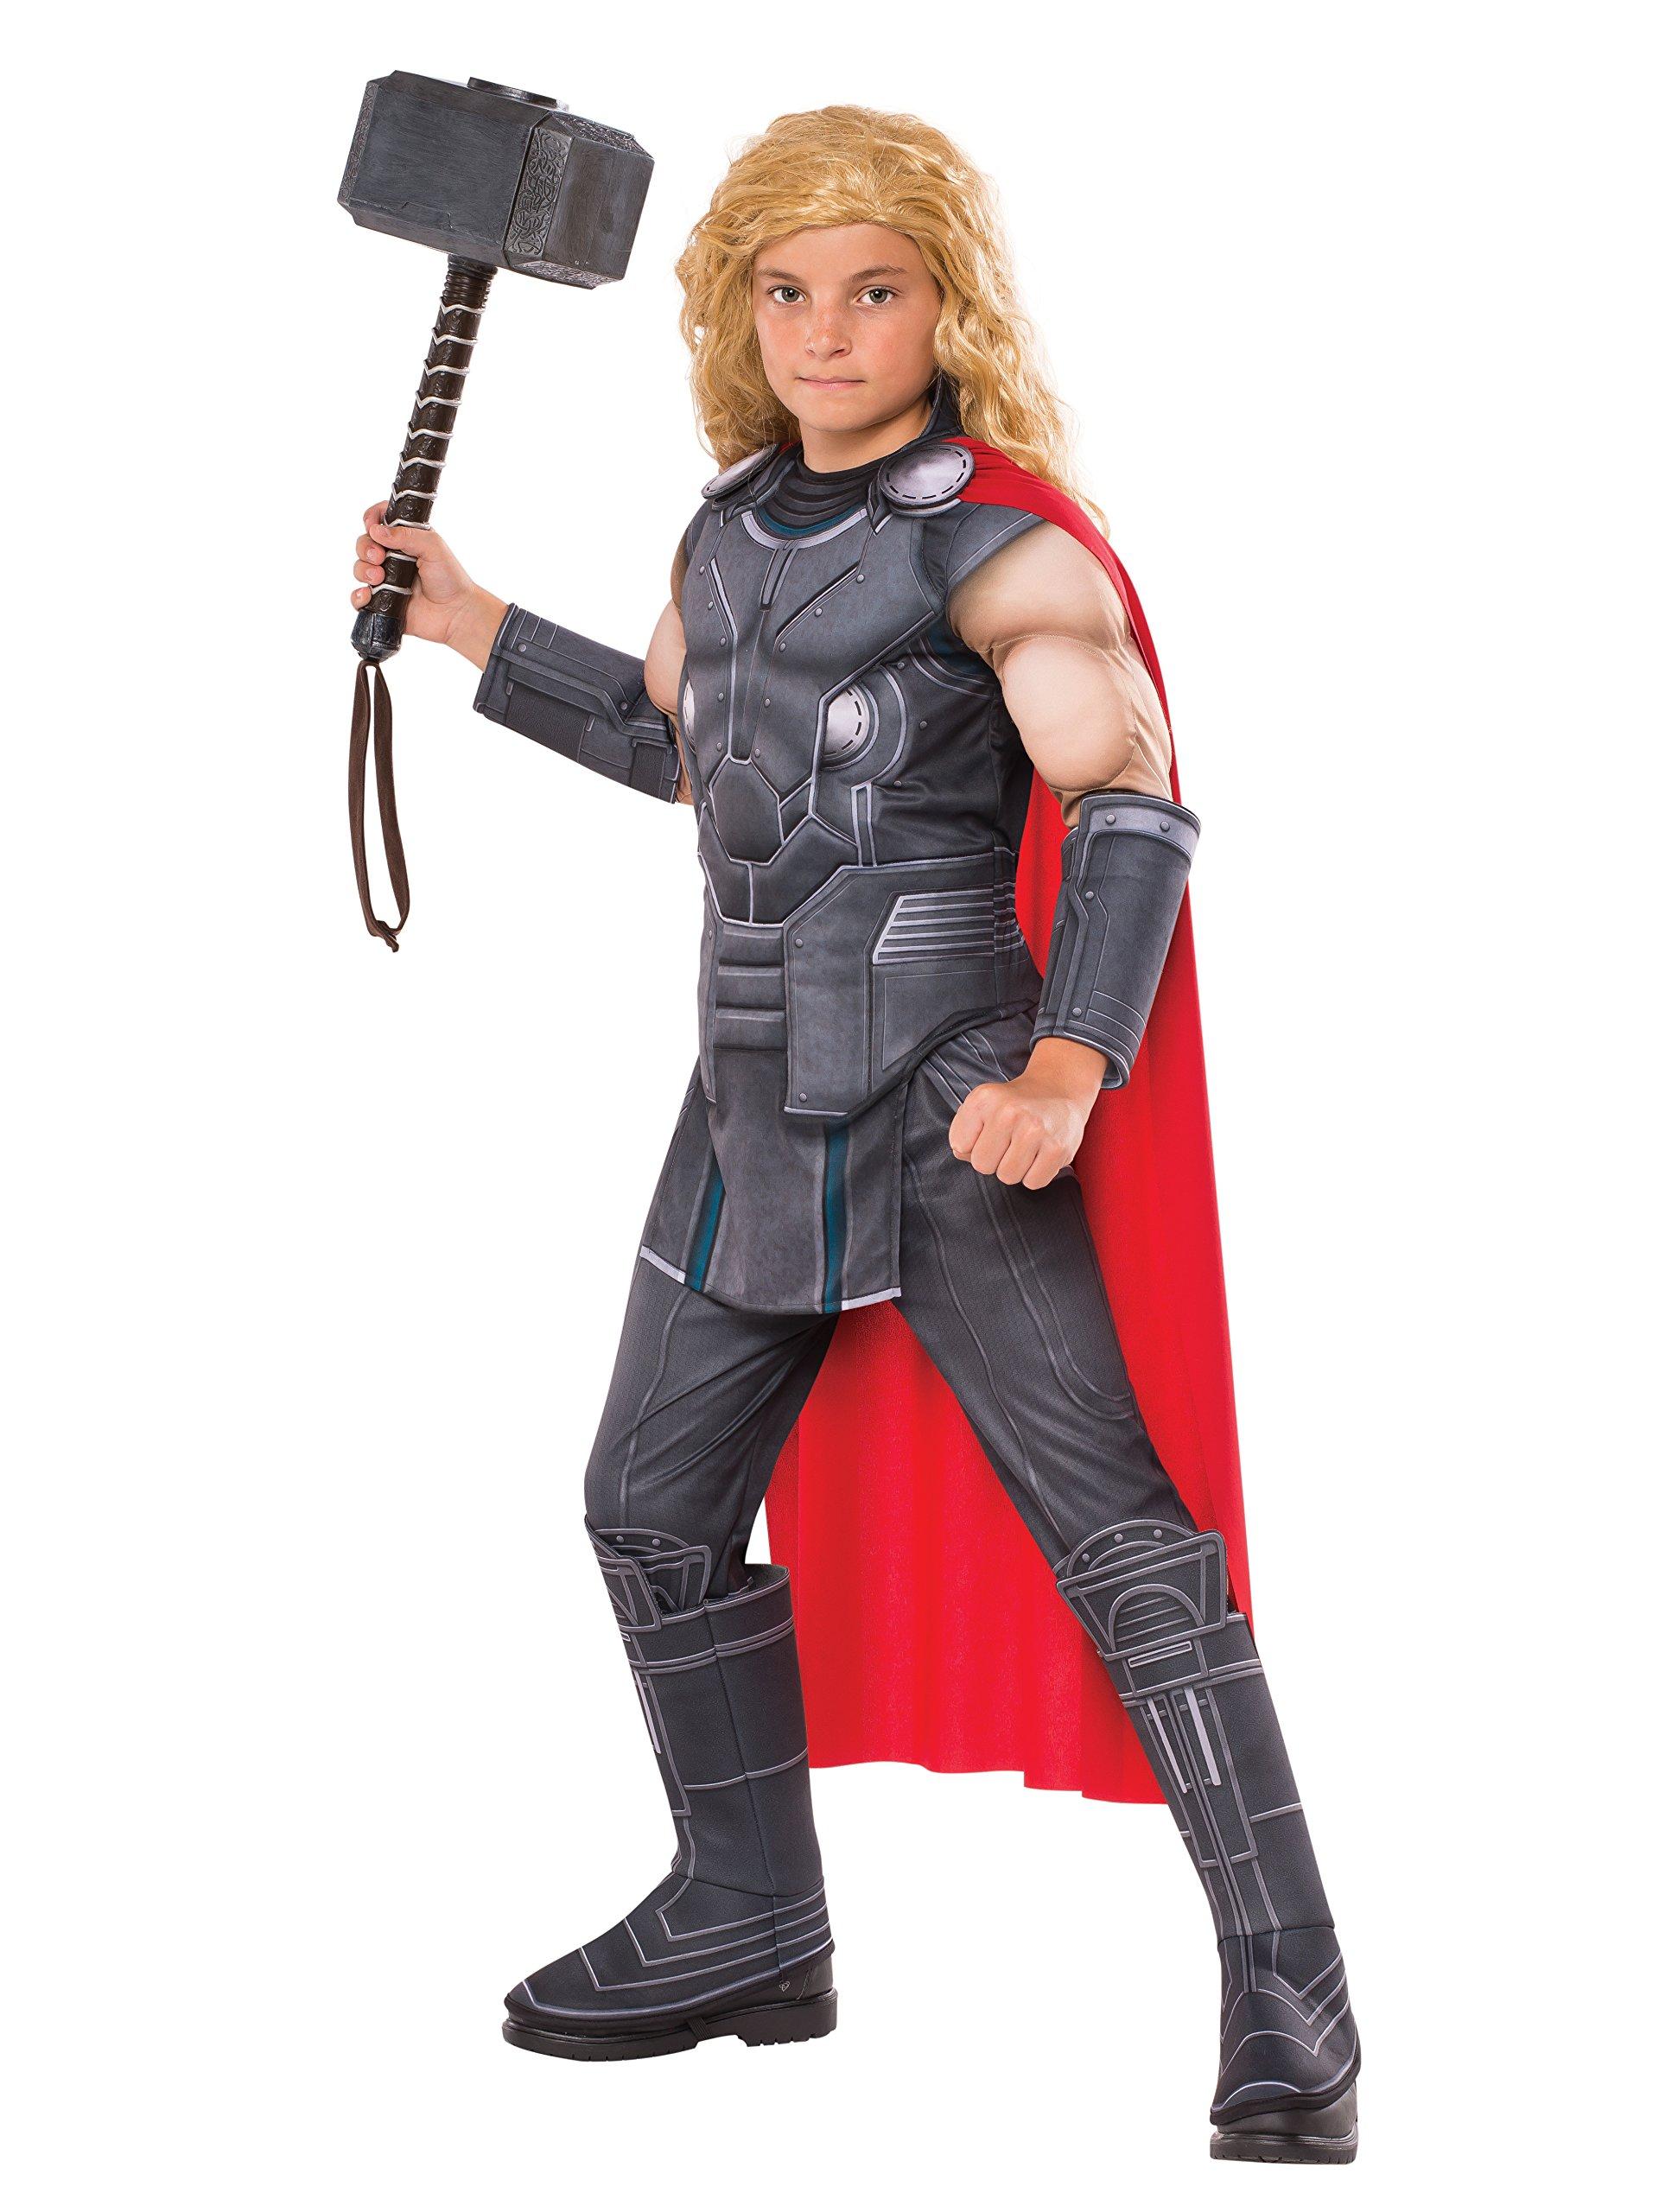 Rubie's Thor: Ragnarok Child's Deluxe Thor Costume, Medium